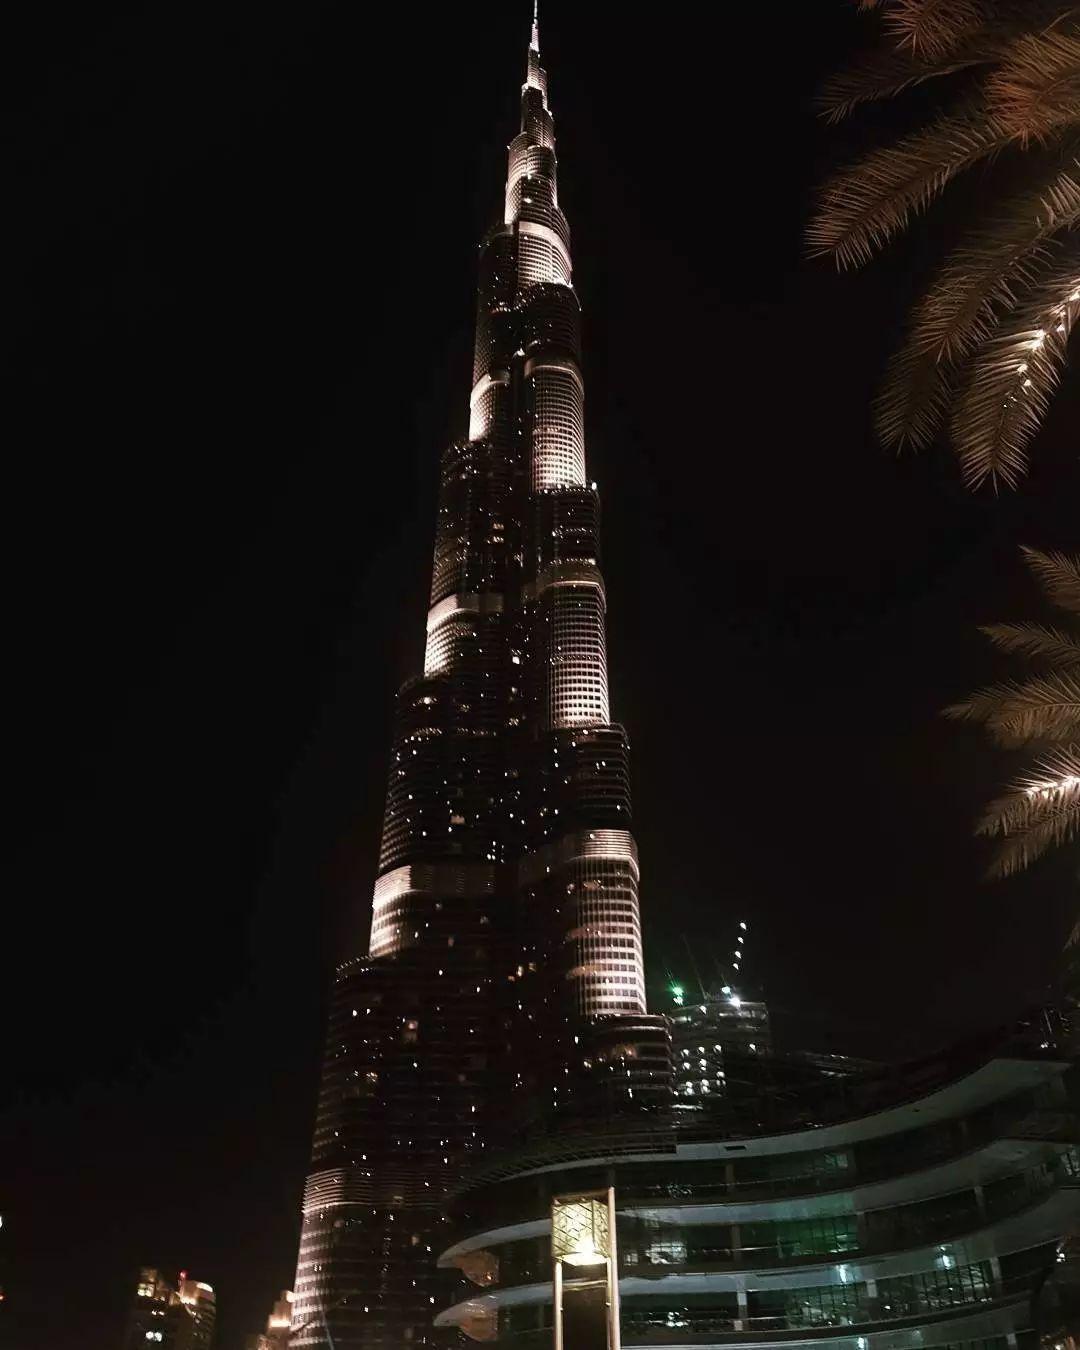 一篇文章教你如何用迪拜转机24小时玩转土豪之国 旅游资讯 第24张